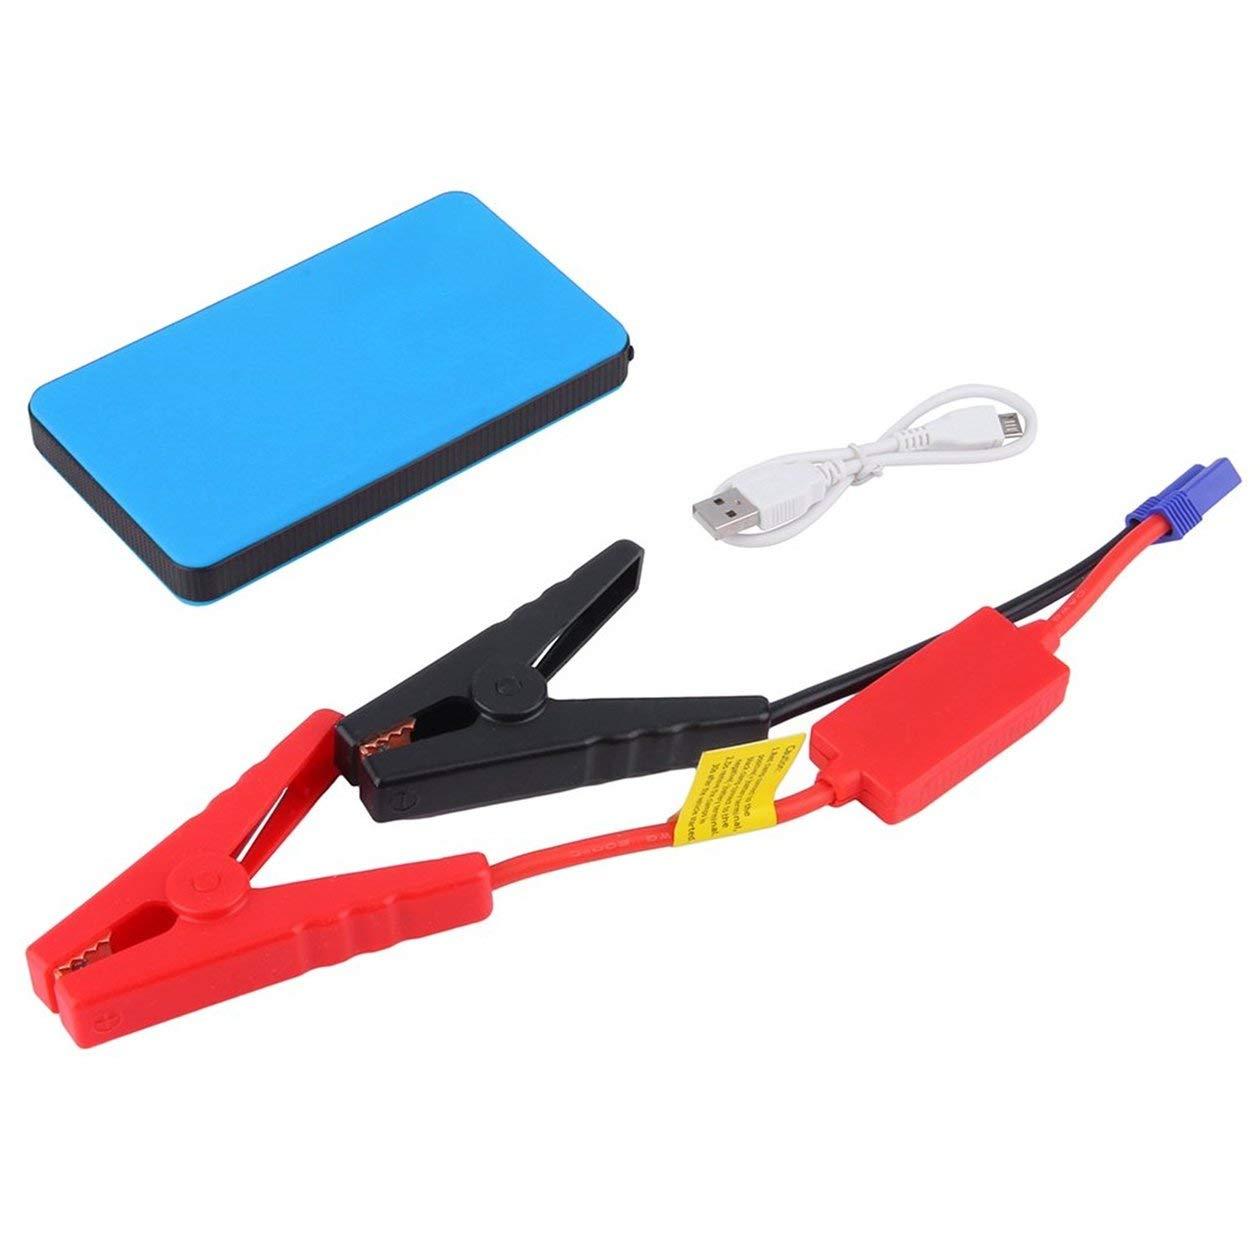 Car Jump Batterie de dé marrage 20000mAh, Portable Multifonction Chargeur de dé marrage d'urgence Power Booster Chargeur de Batterie, pour Les Voitures Automobiles Heraihe